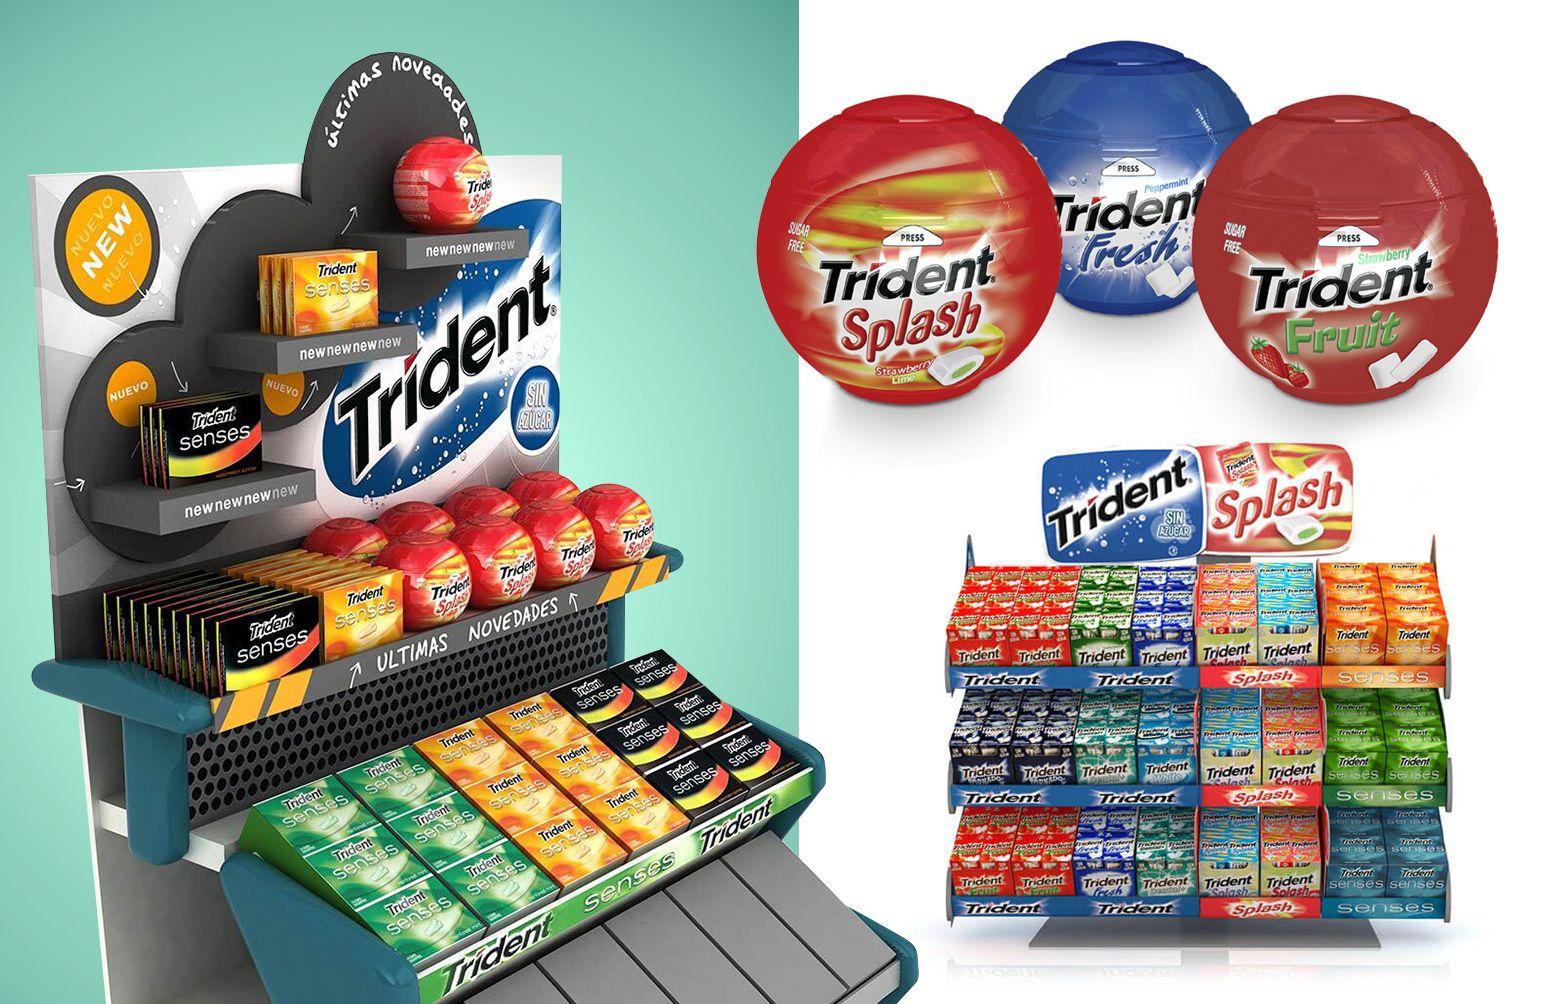 04 Diseno expositores PLV trident - Diseño gráfico y packaging de producto